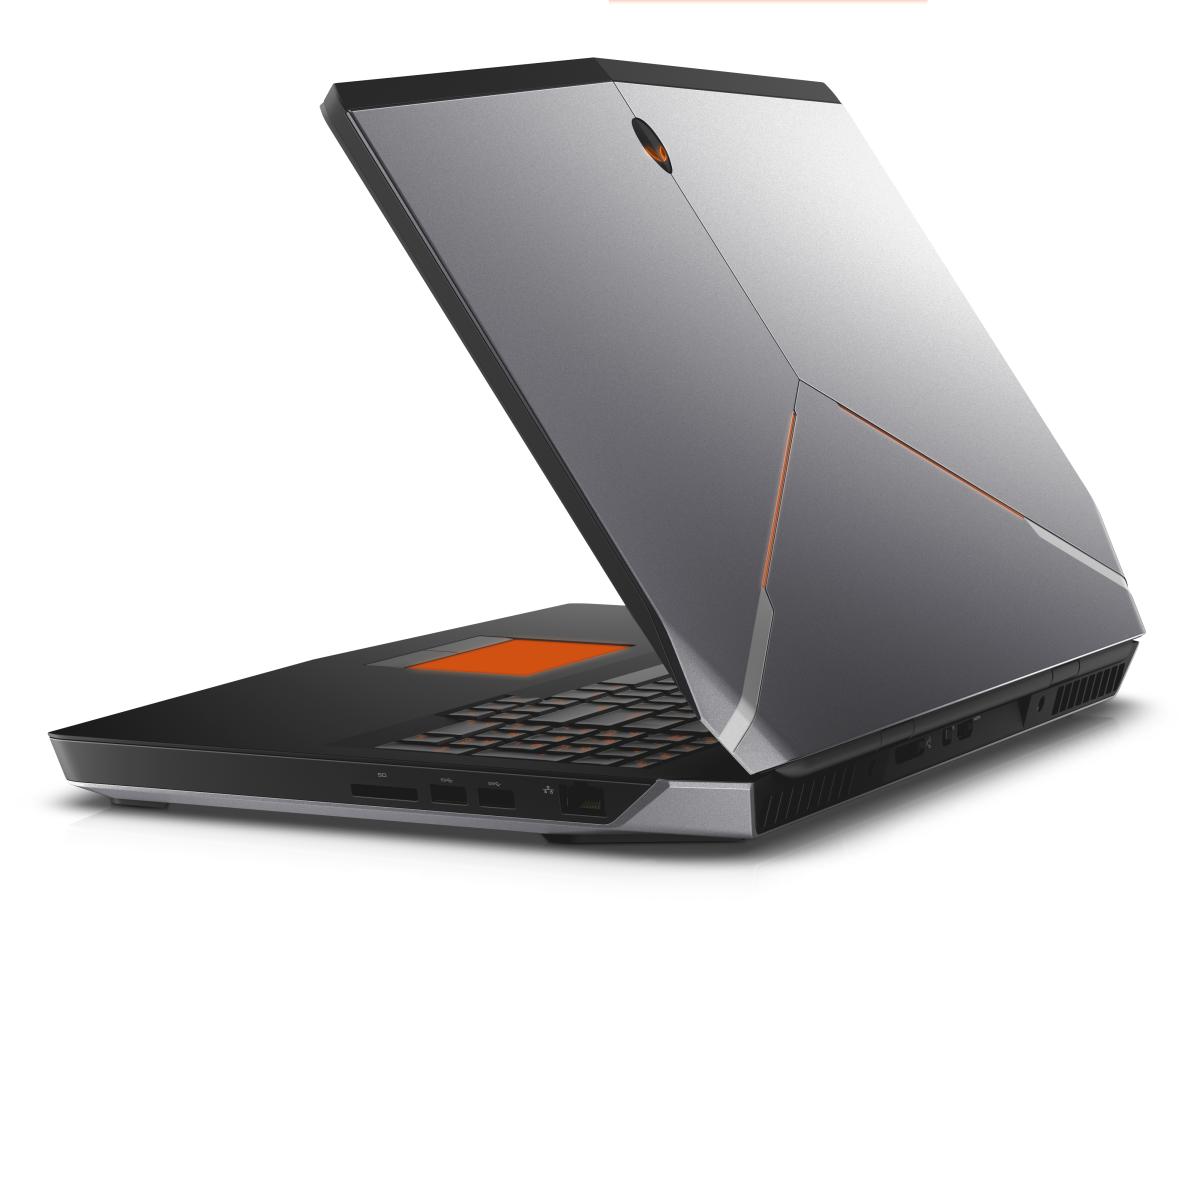 The Dell Alienware 17